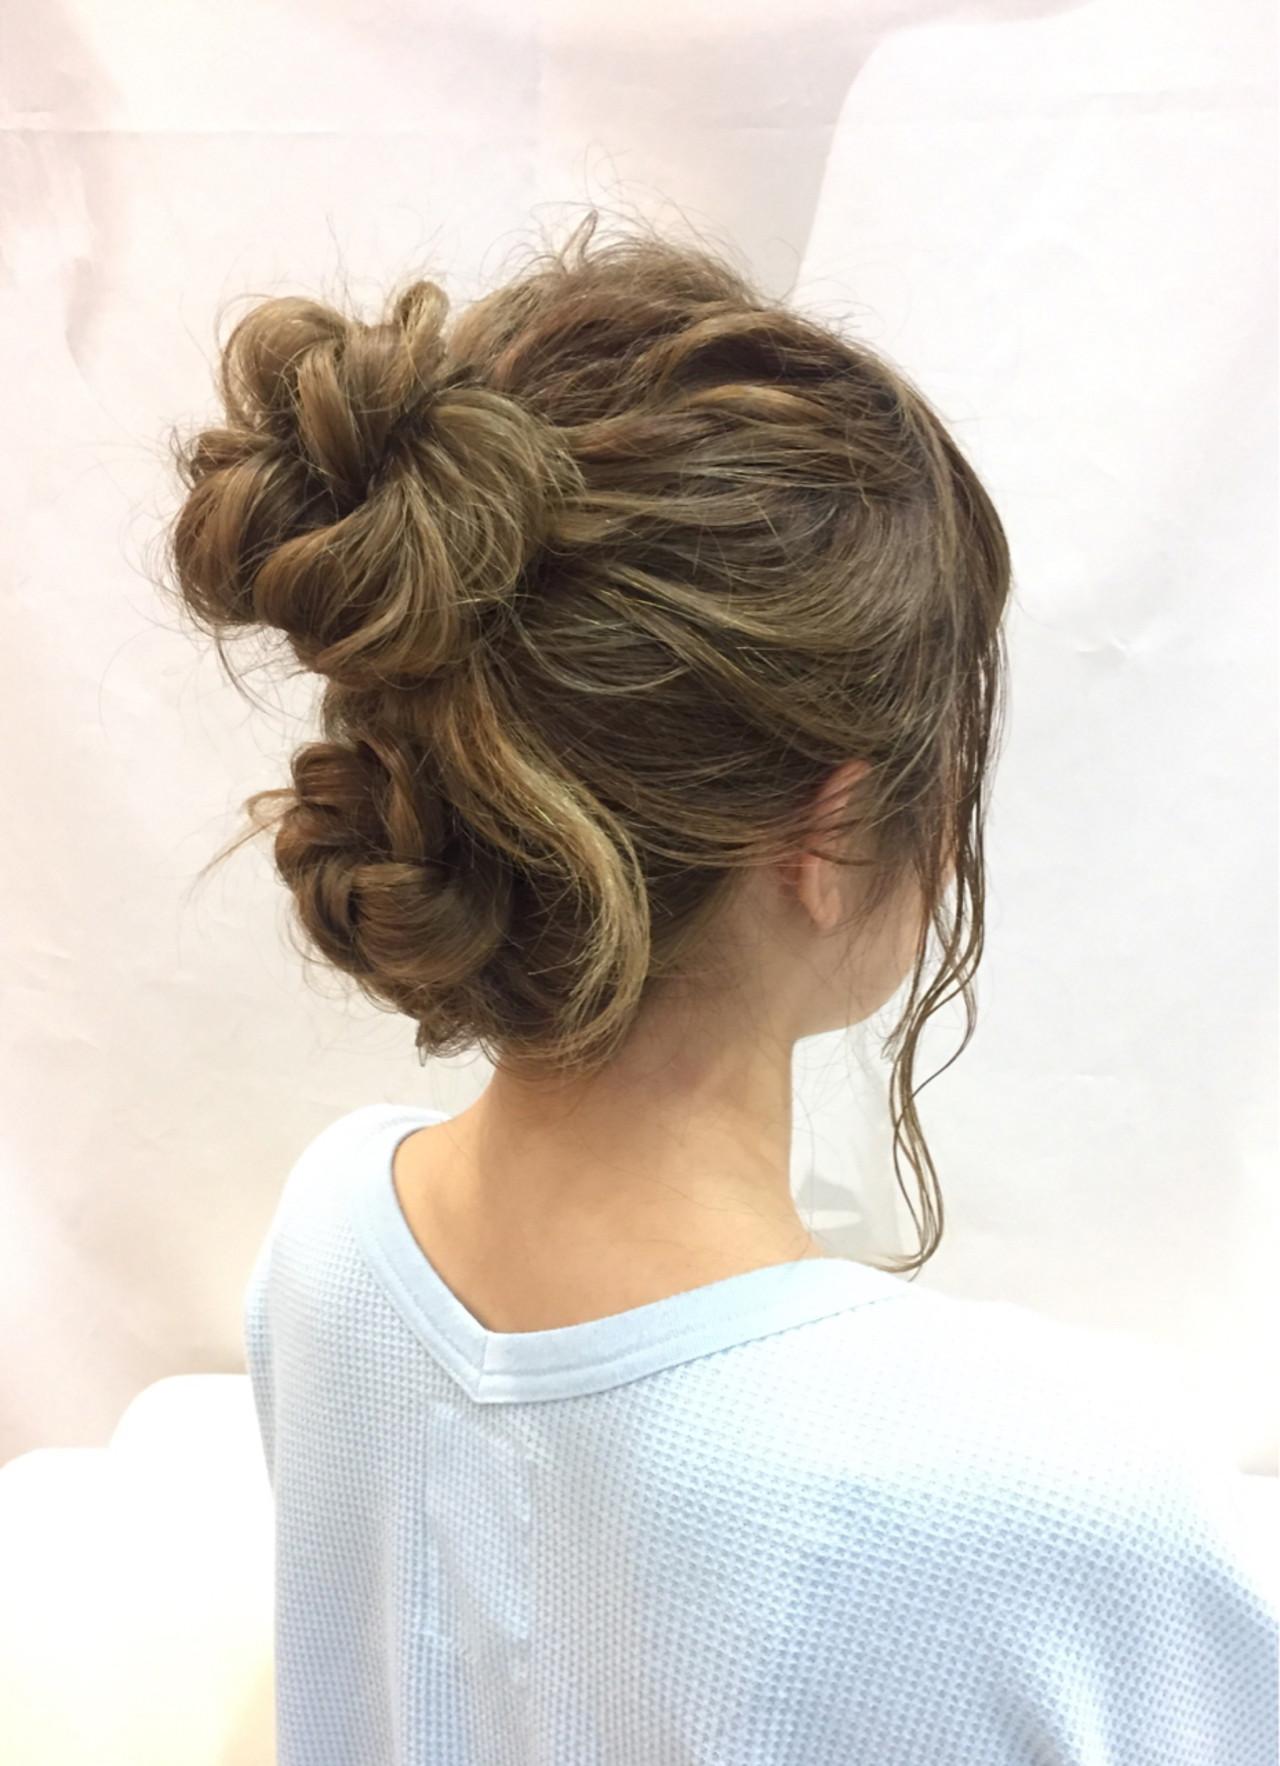 ショート セミロング 結婚式 簡単ヘアアレンジ ヘアスタイルや髪型の写真・画像